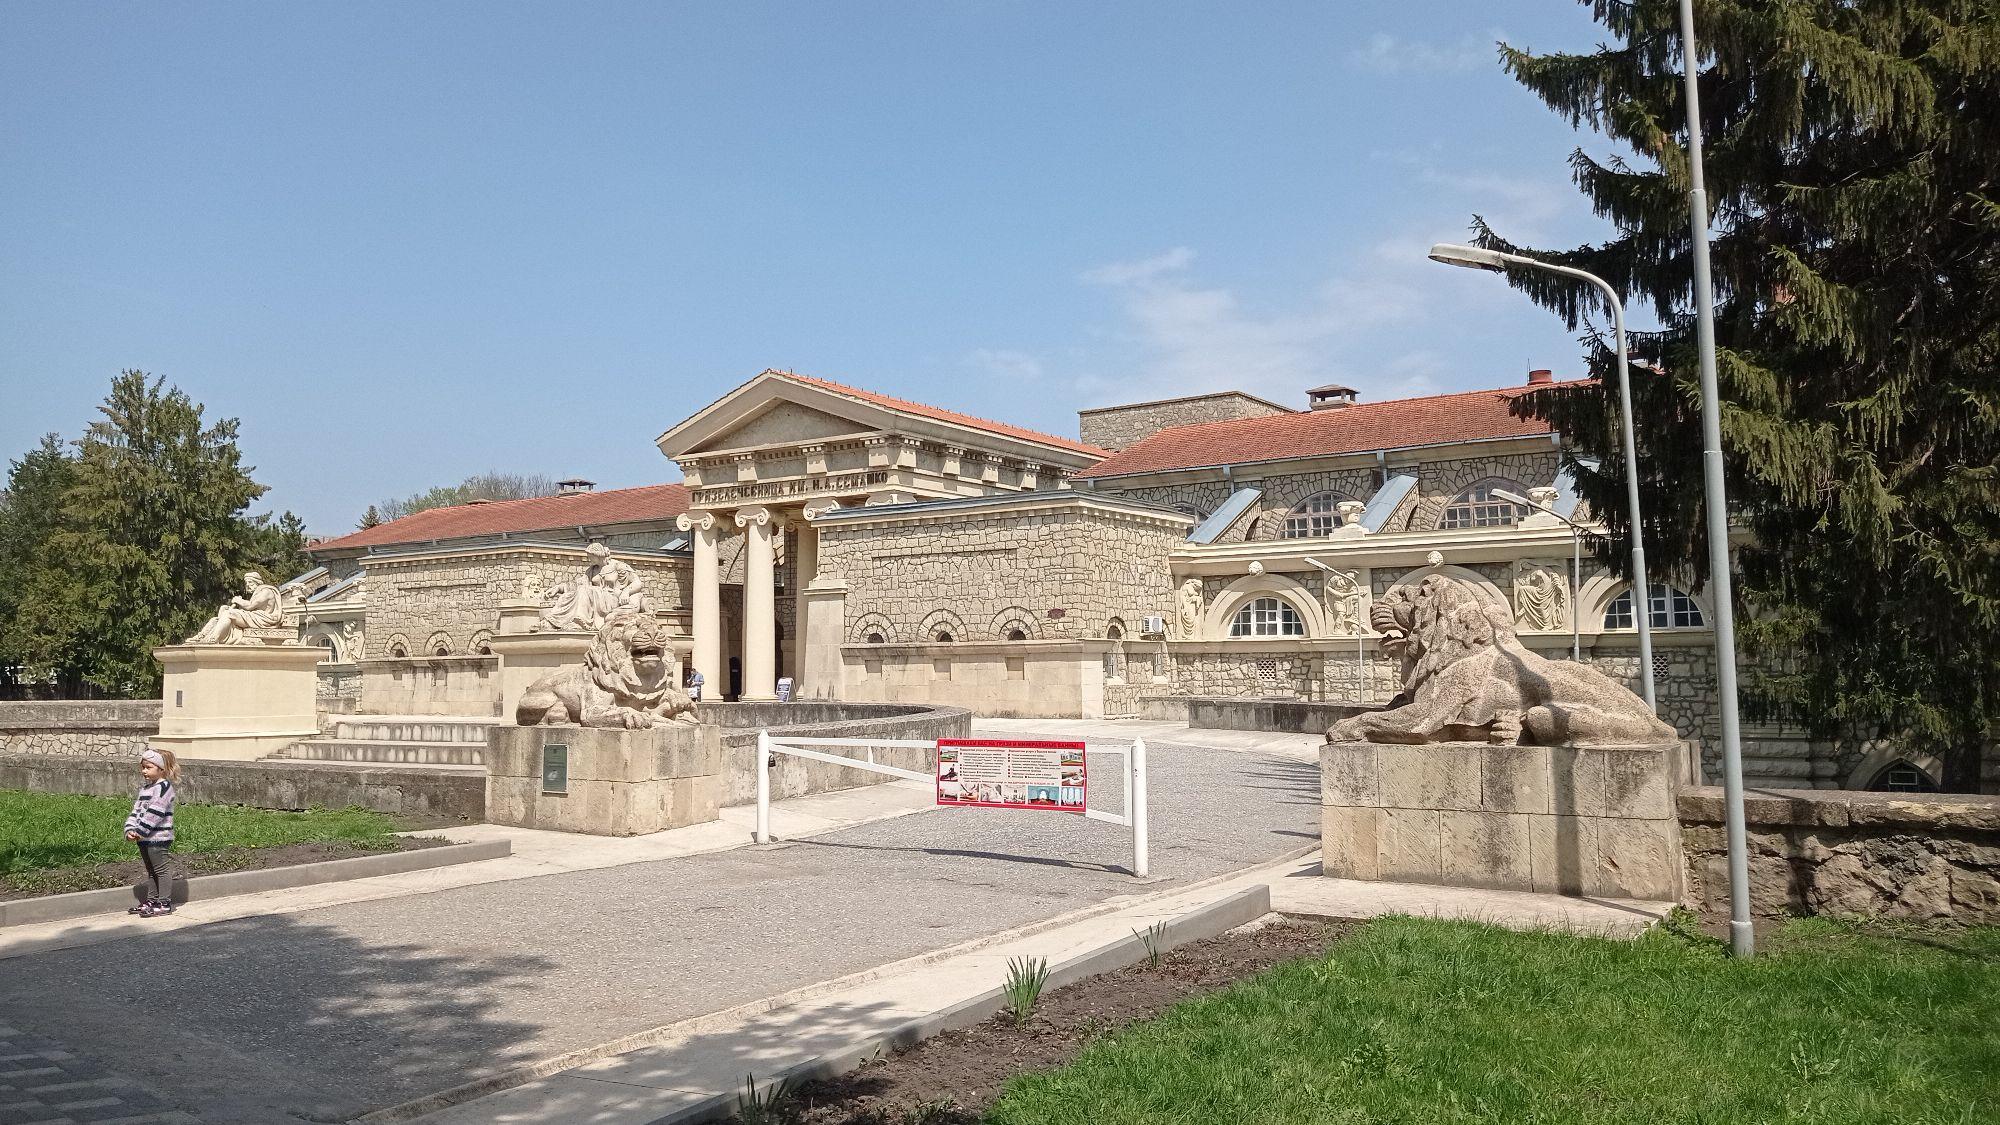 Грязелечебница Ессентуков - палладианское такое строение за курортным парком. Она построена в 1913-1915 гг по проекту питерского арх. Шреттера. Мне немного напомнила Музей Боде в Митте Берлина.